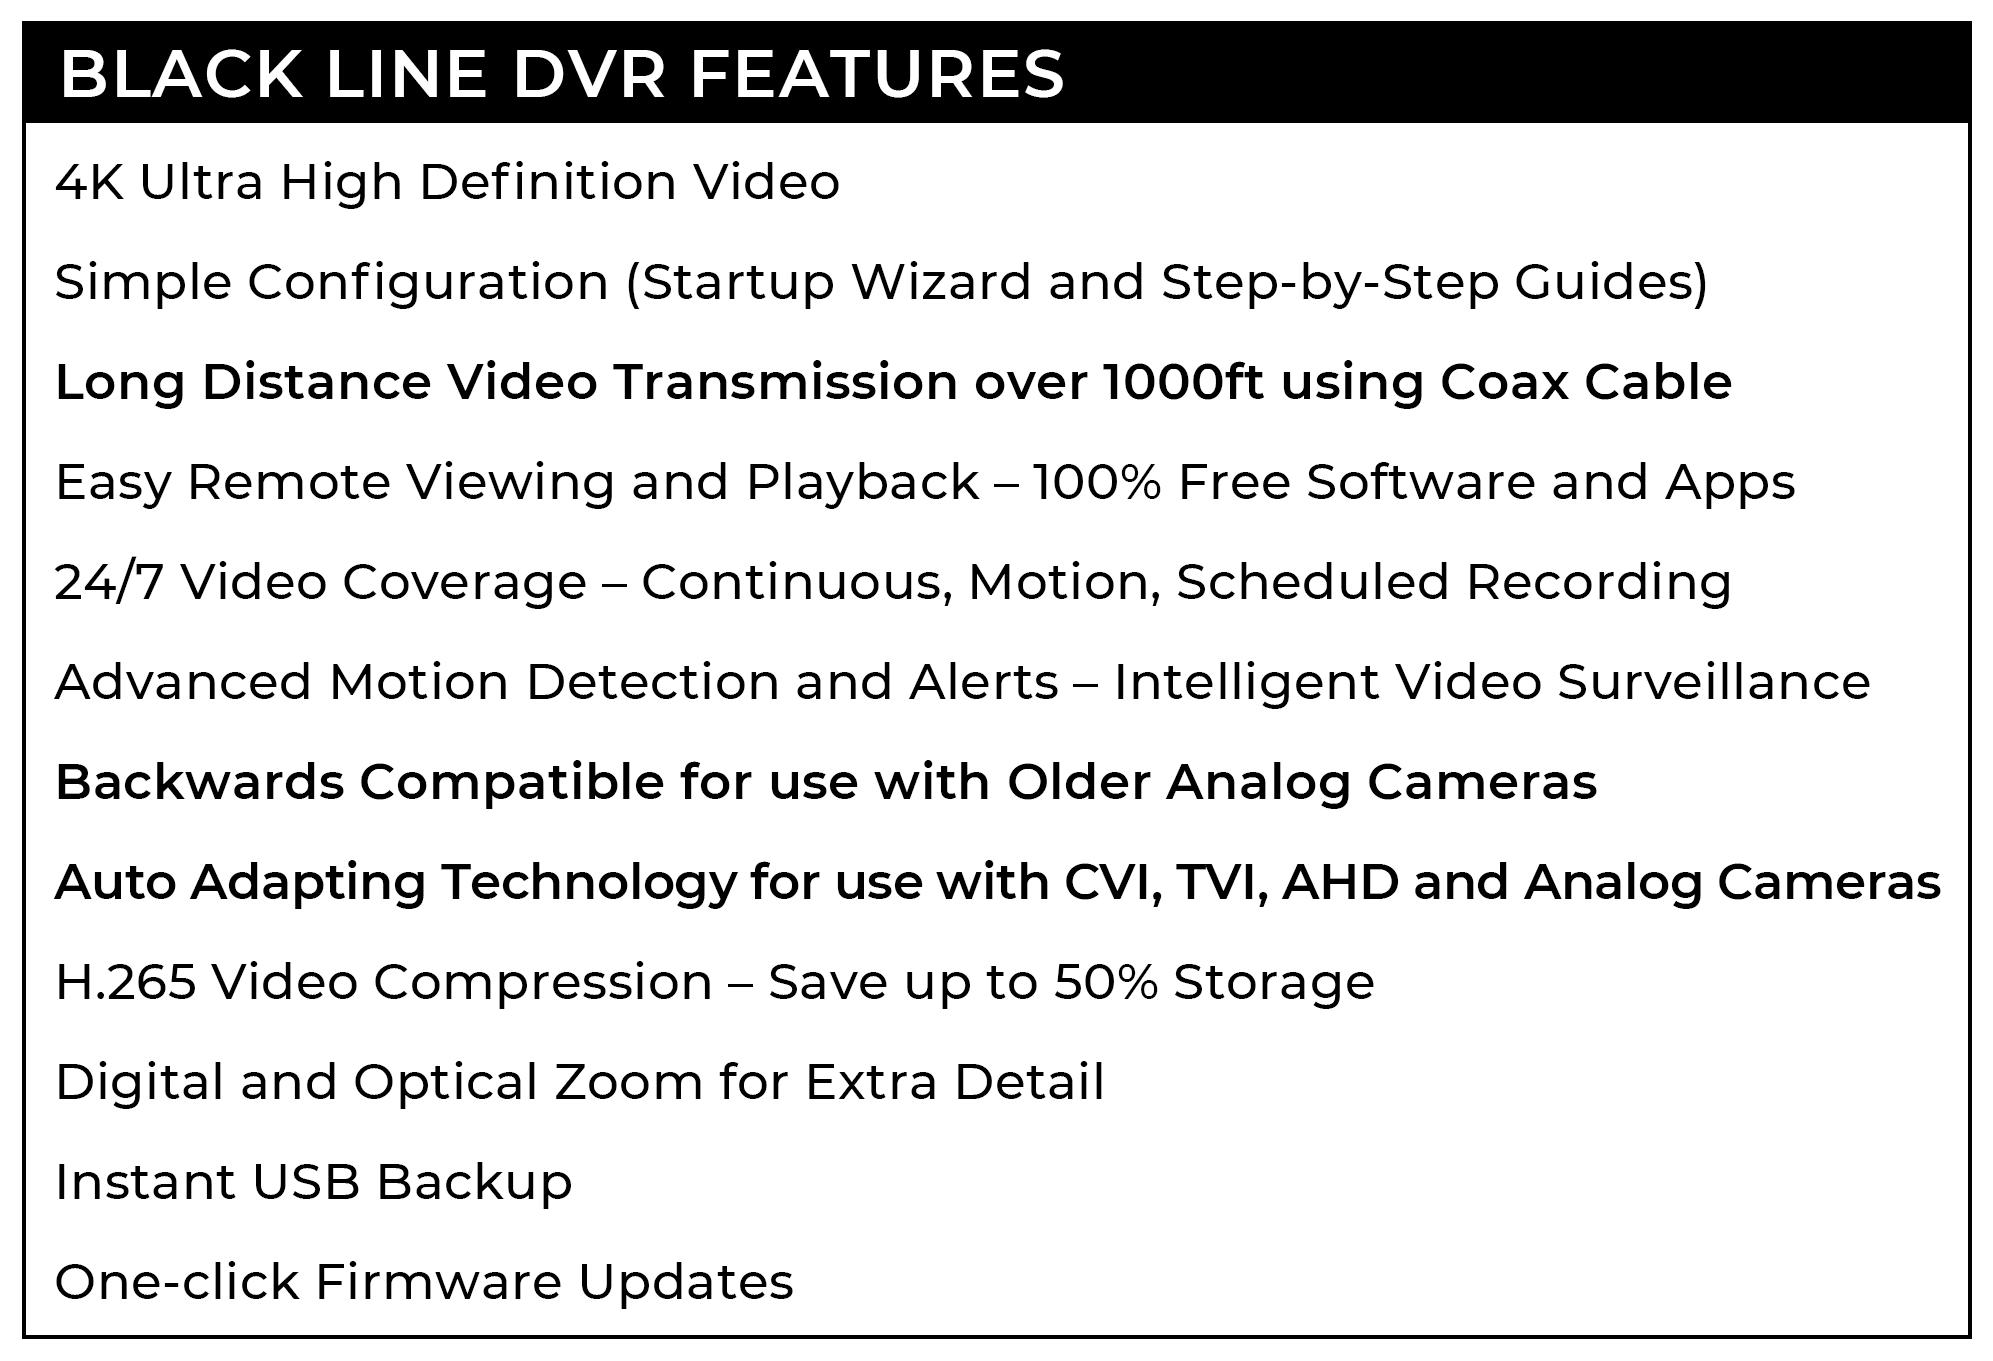 black-line-dvr-features-3-.png